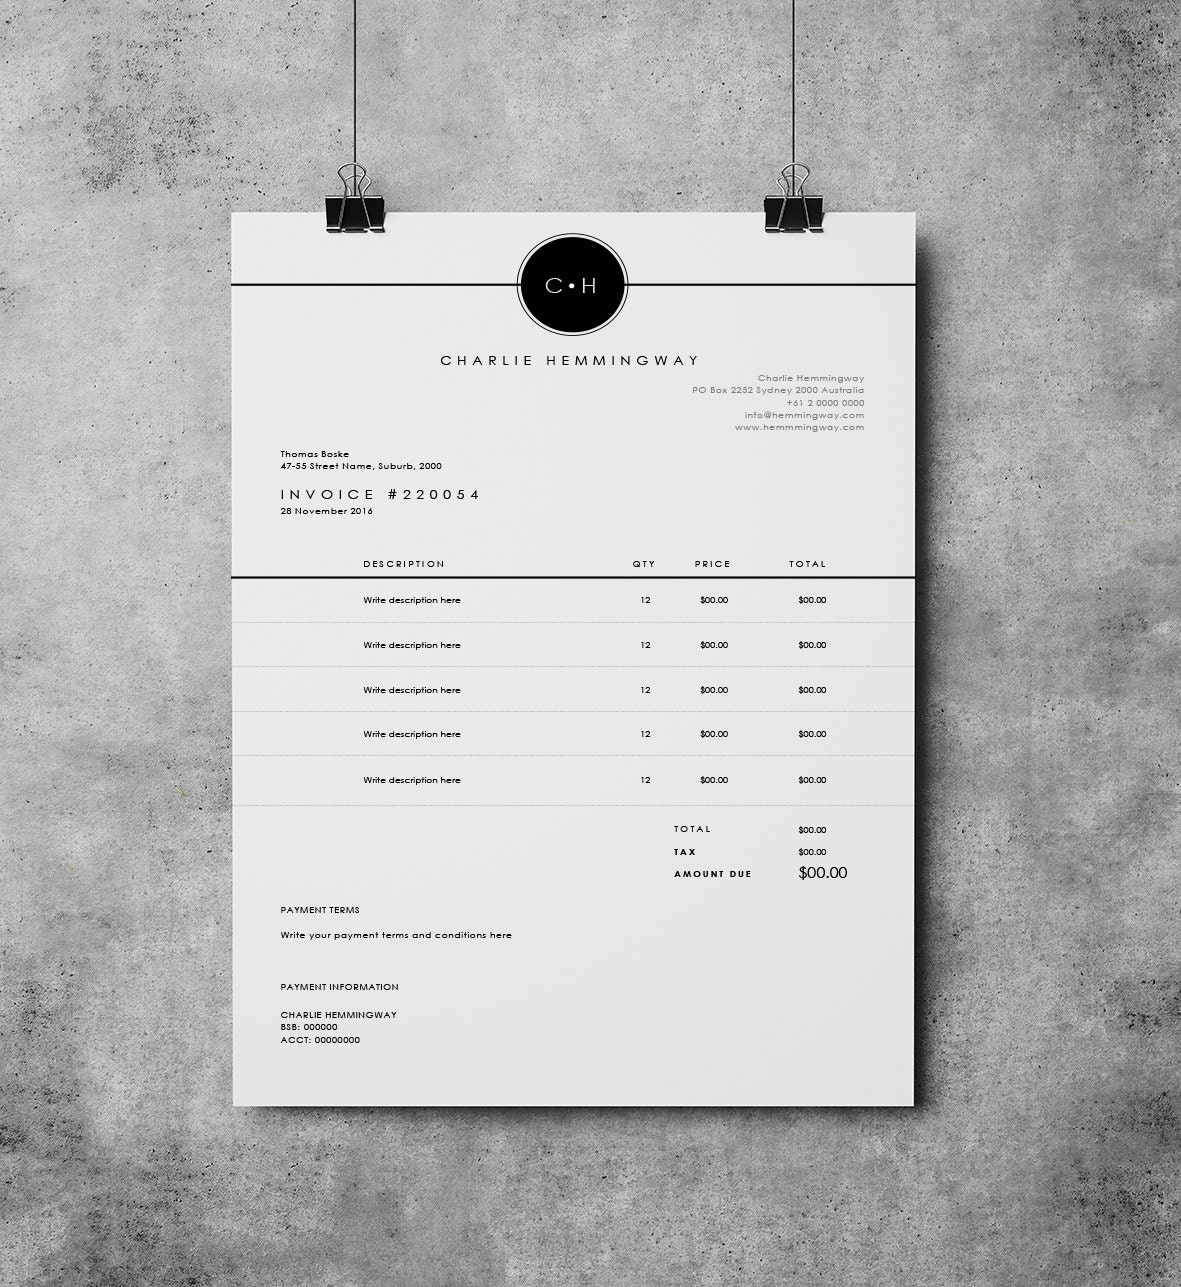 Rechnung Vorlage Rechnung Design Zahlungseingang MS Word | Etsy